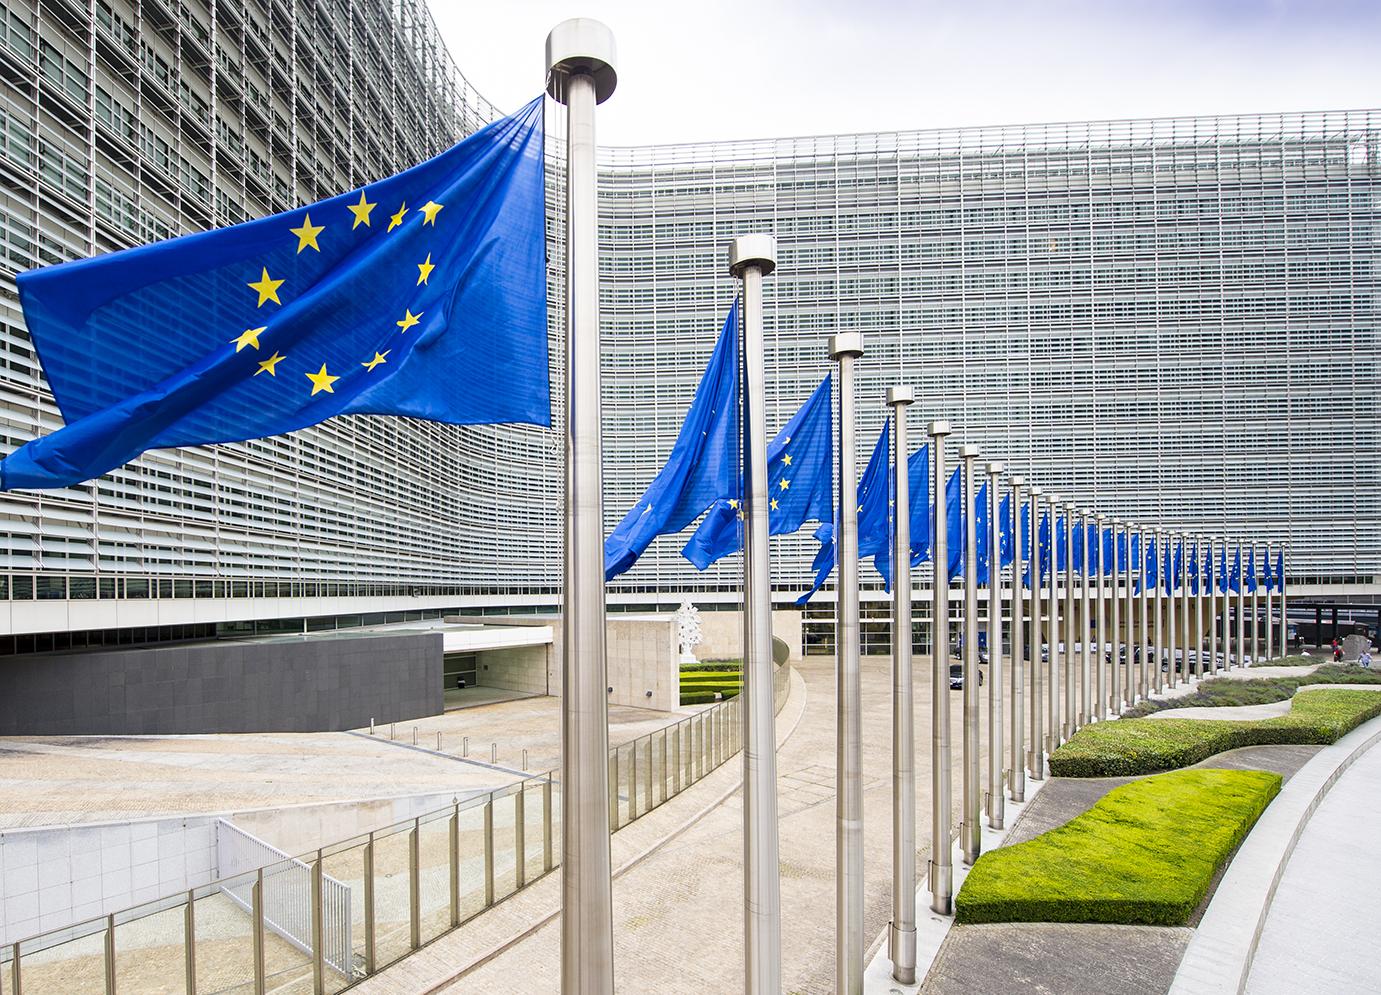 Le esportazioni calabresi e la ZES di Gioia Tauro: attenti ai numeri